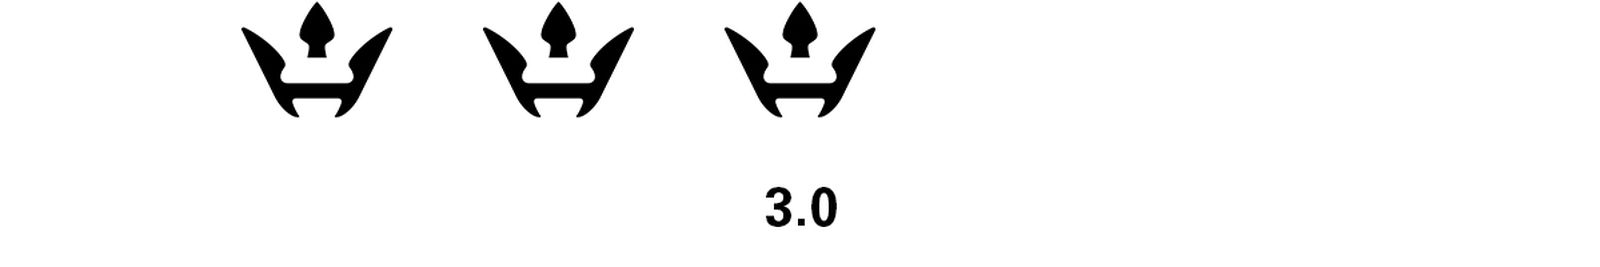 3.0 Assume Form Drip or Drown 2 Gunna